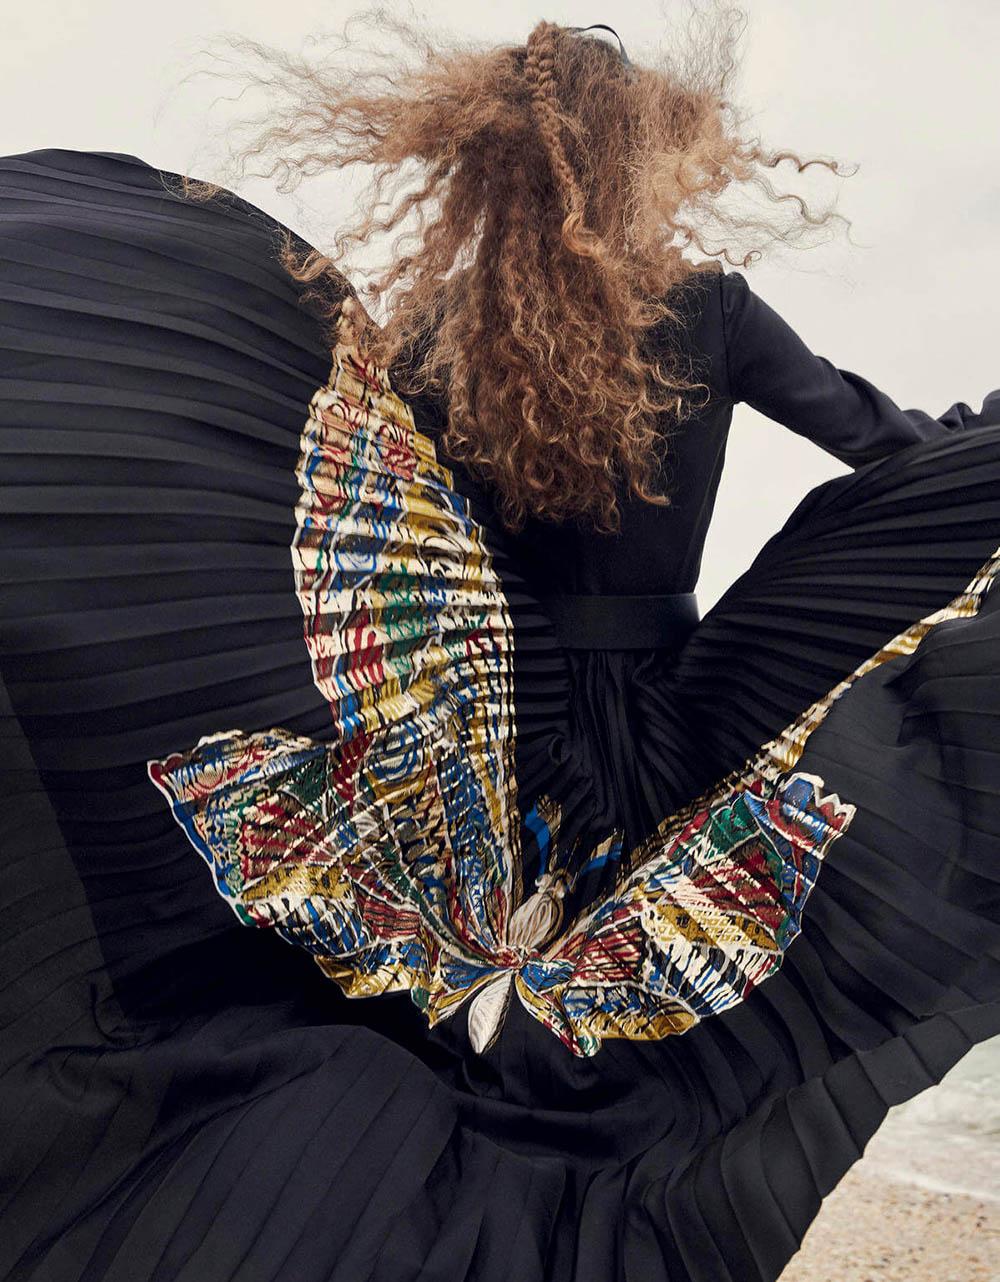 Carolina Burgin by Yelena Yemchuk for Vogue China December 2018